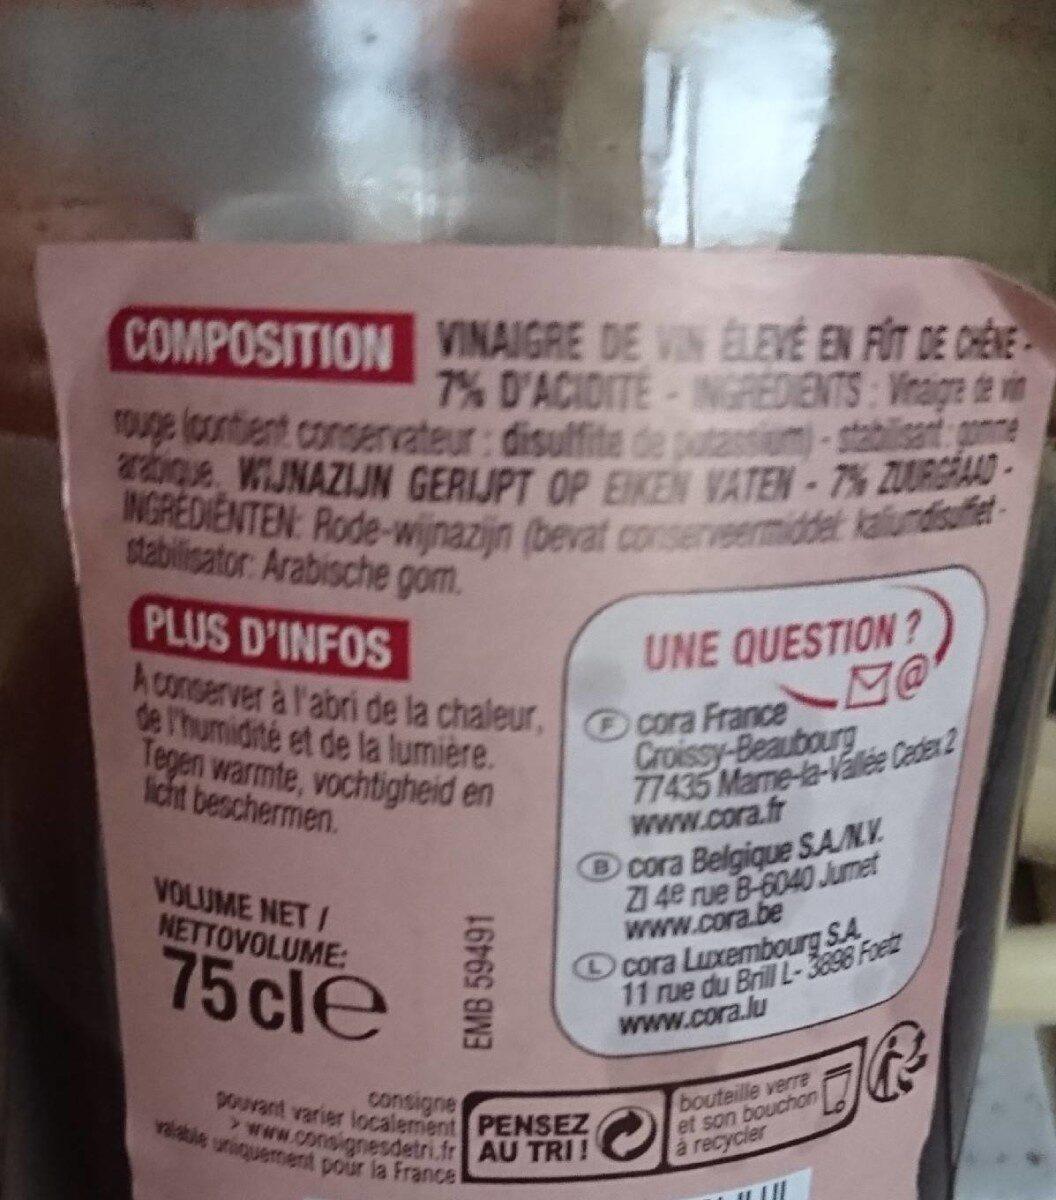 Vieux Vinaigre De Vin, Bouteille 75 Centilitres, Marque Cora - Voedingswaarden - fr